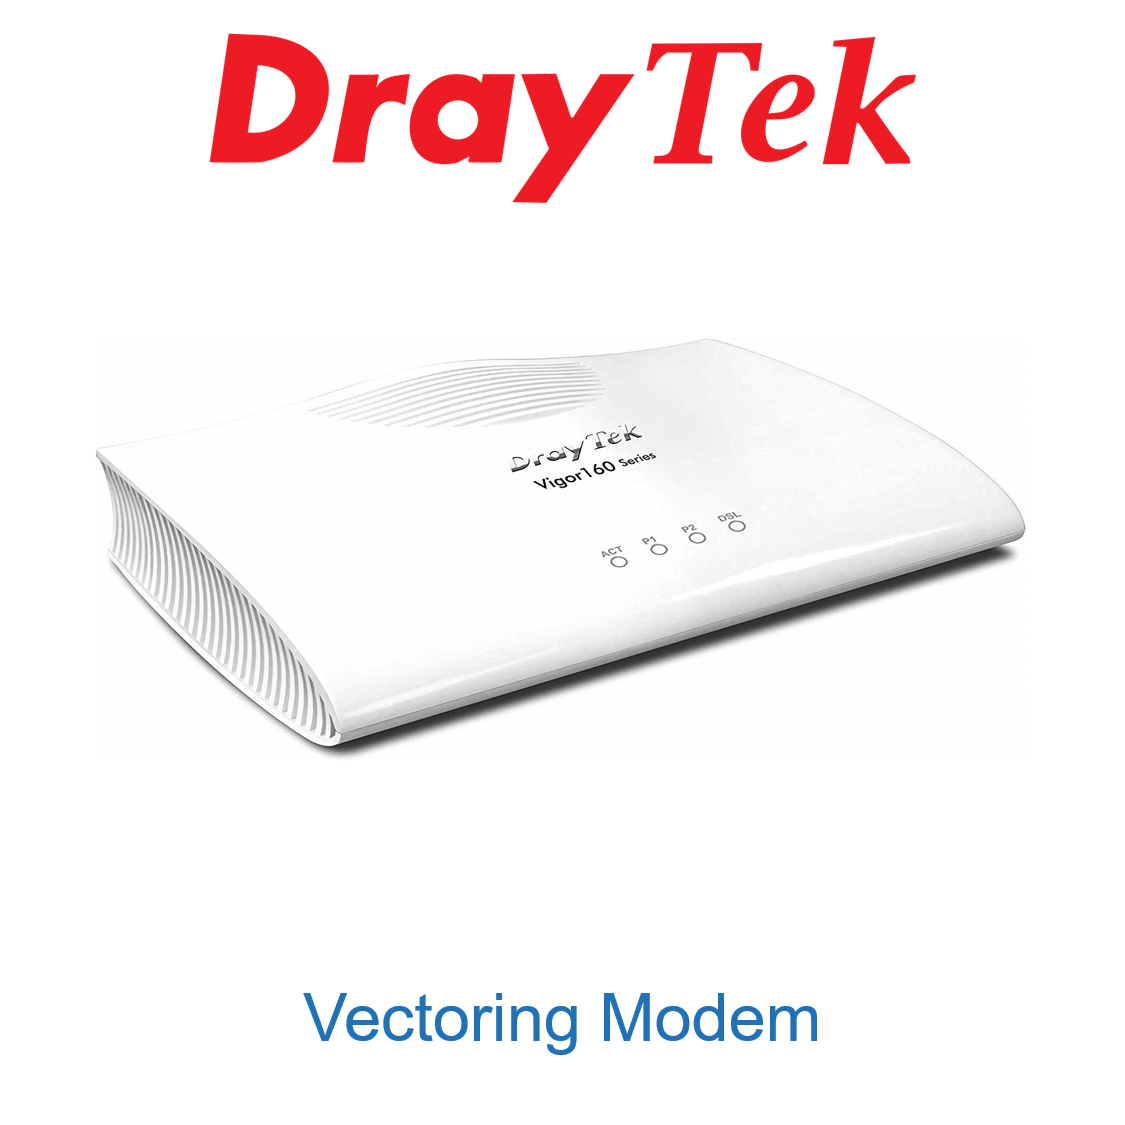 DrayTek Vigor 166 VDSL2 Super Vectoring Modem